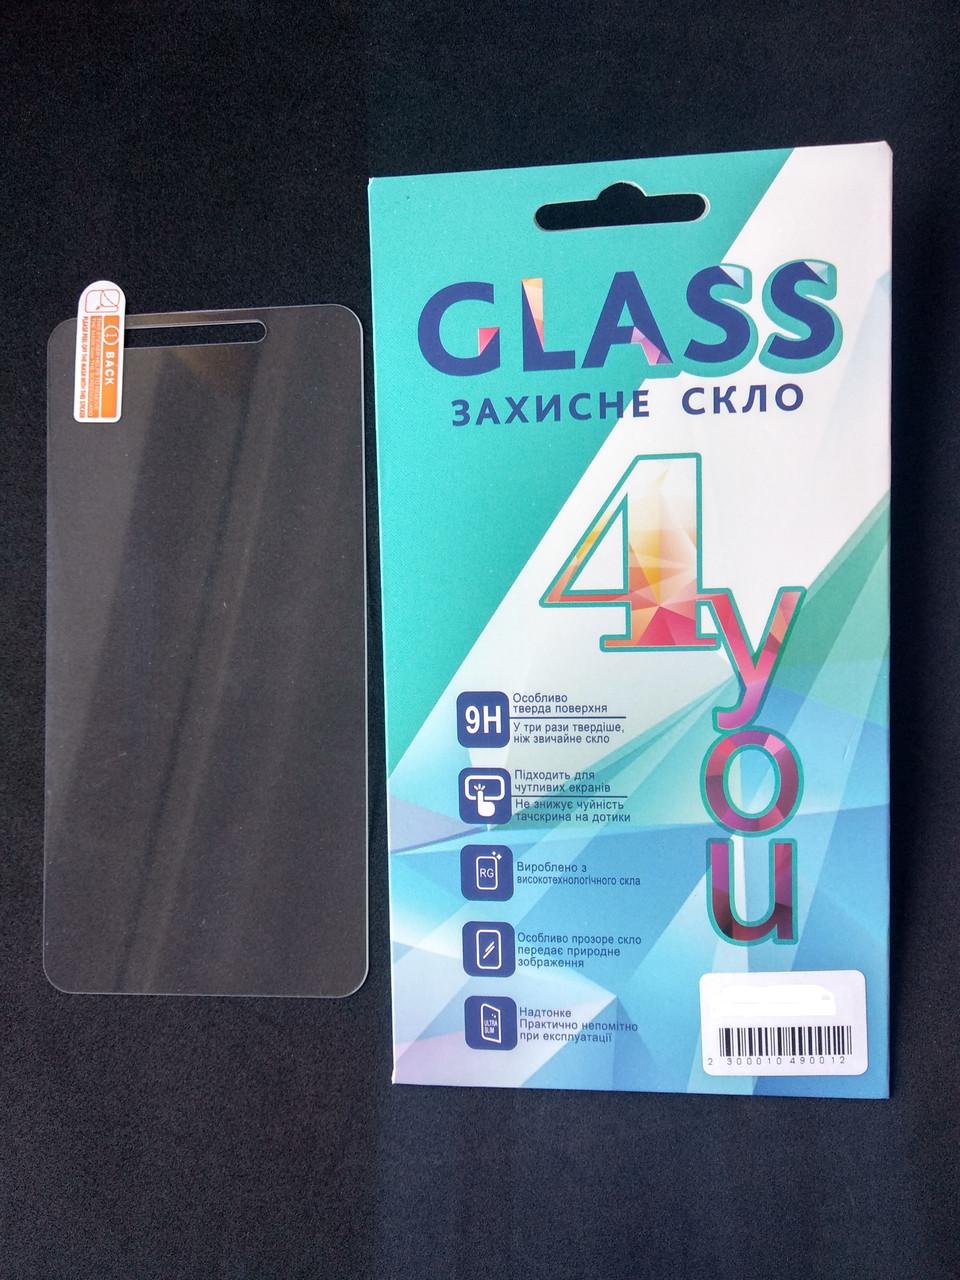 Защитное стекло Samsung A9/A920 (2018) 2.5D (0.3mm) 4you